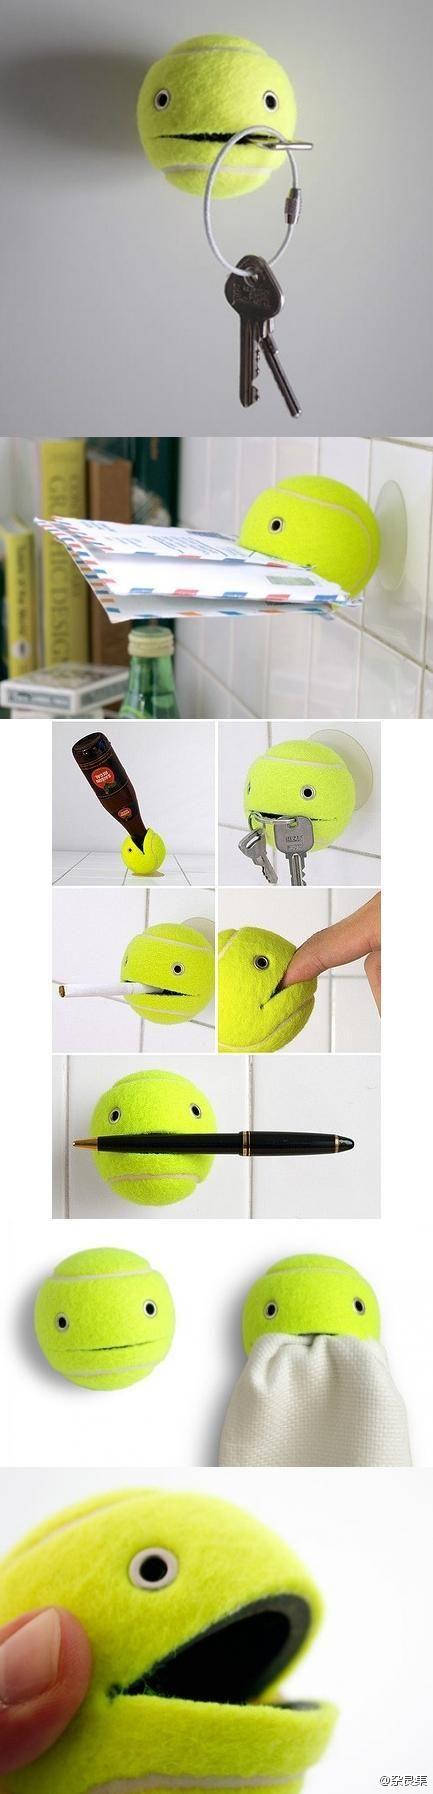 Cute tennis ball holder